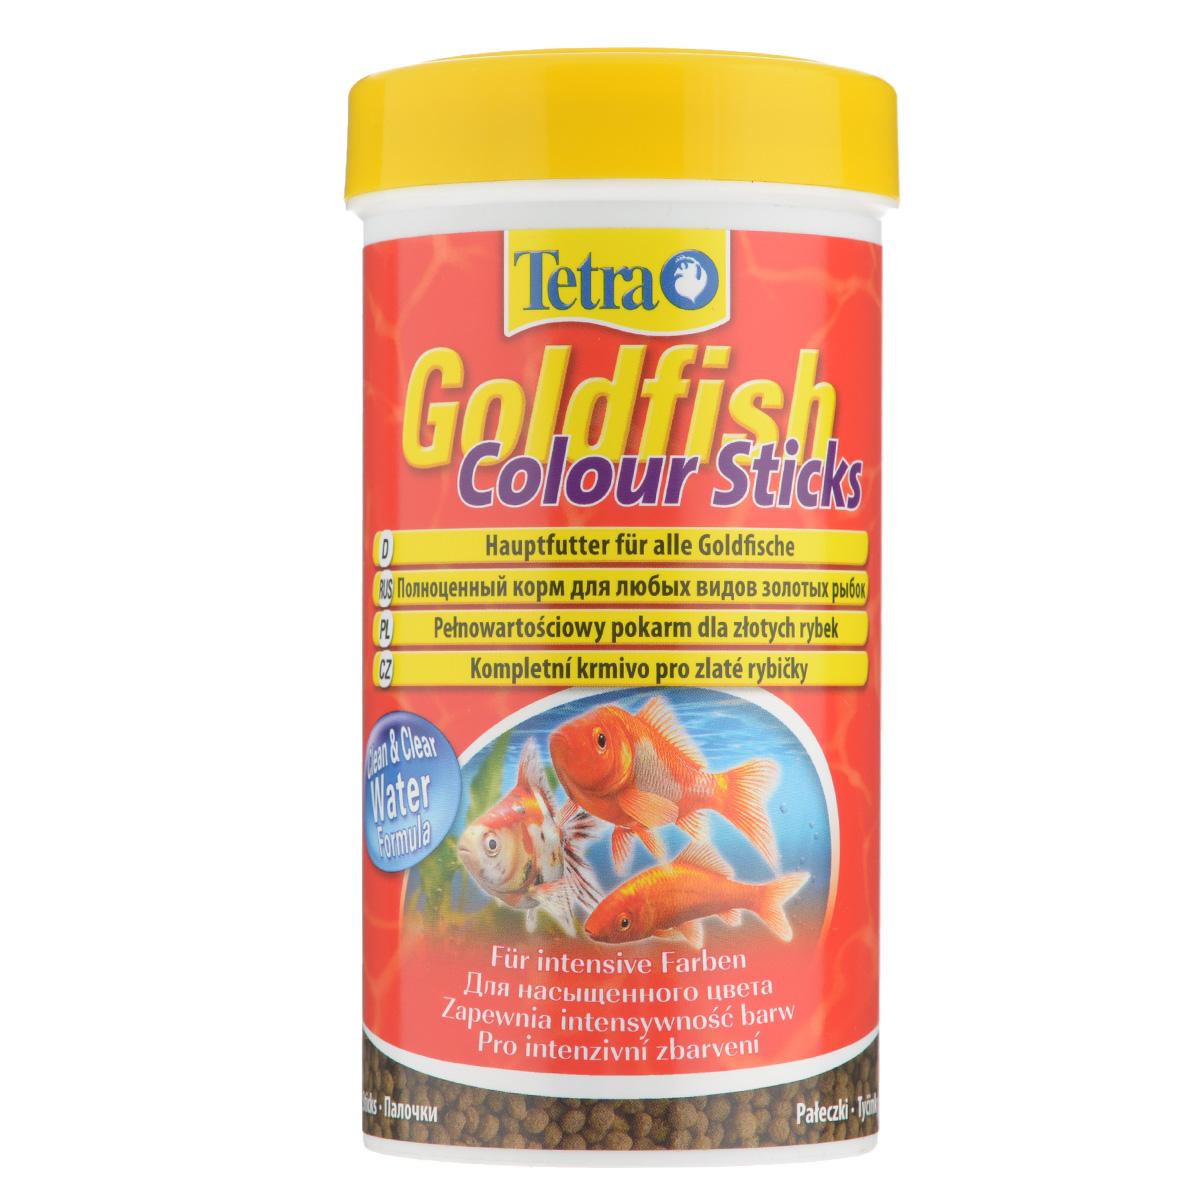 Корм сухой Tetra Goldfish Colour Sticks для любых видов золотых рыбок, в виде палочек, 250 мл корм tetra goldfish flakes complete food for all goldfish хлопья для всех видов золотых рыбок 1л 204355